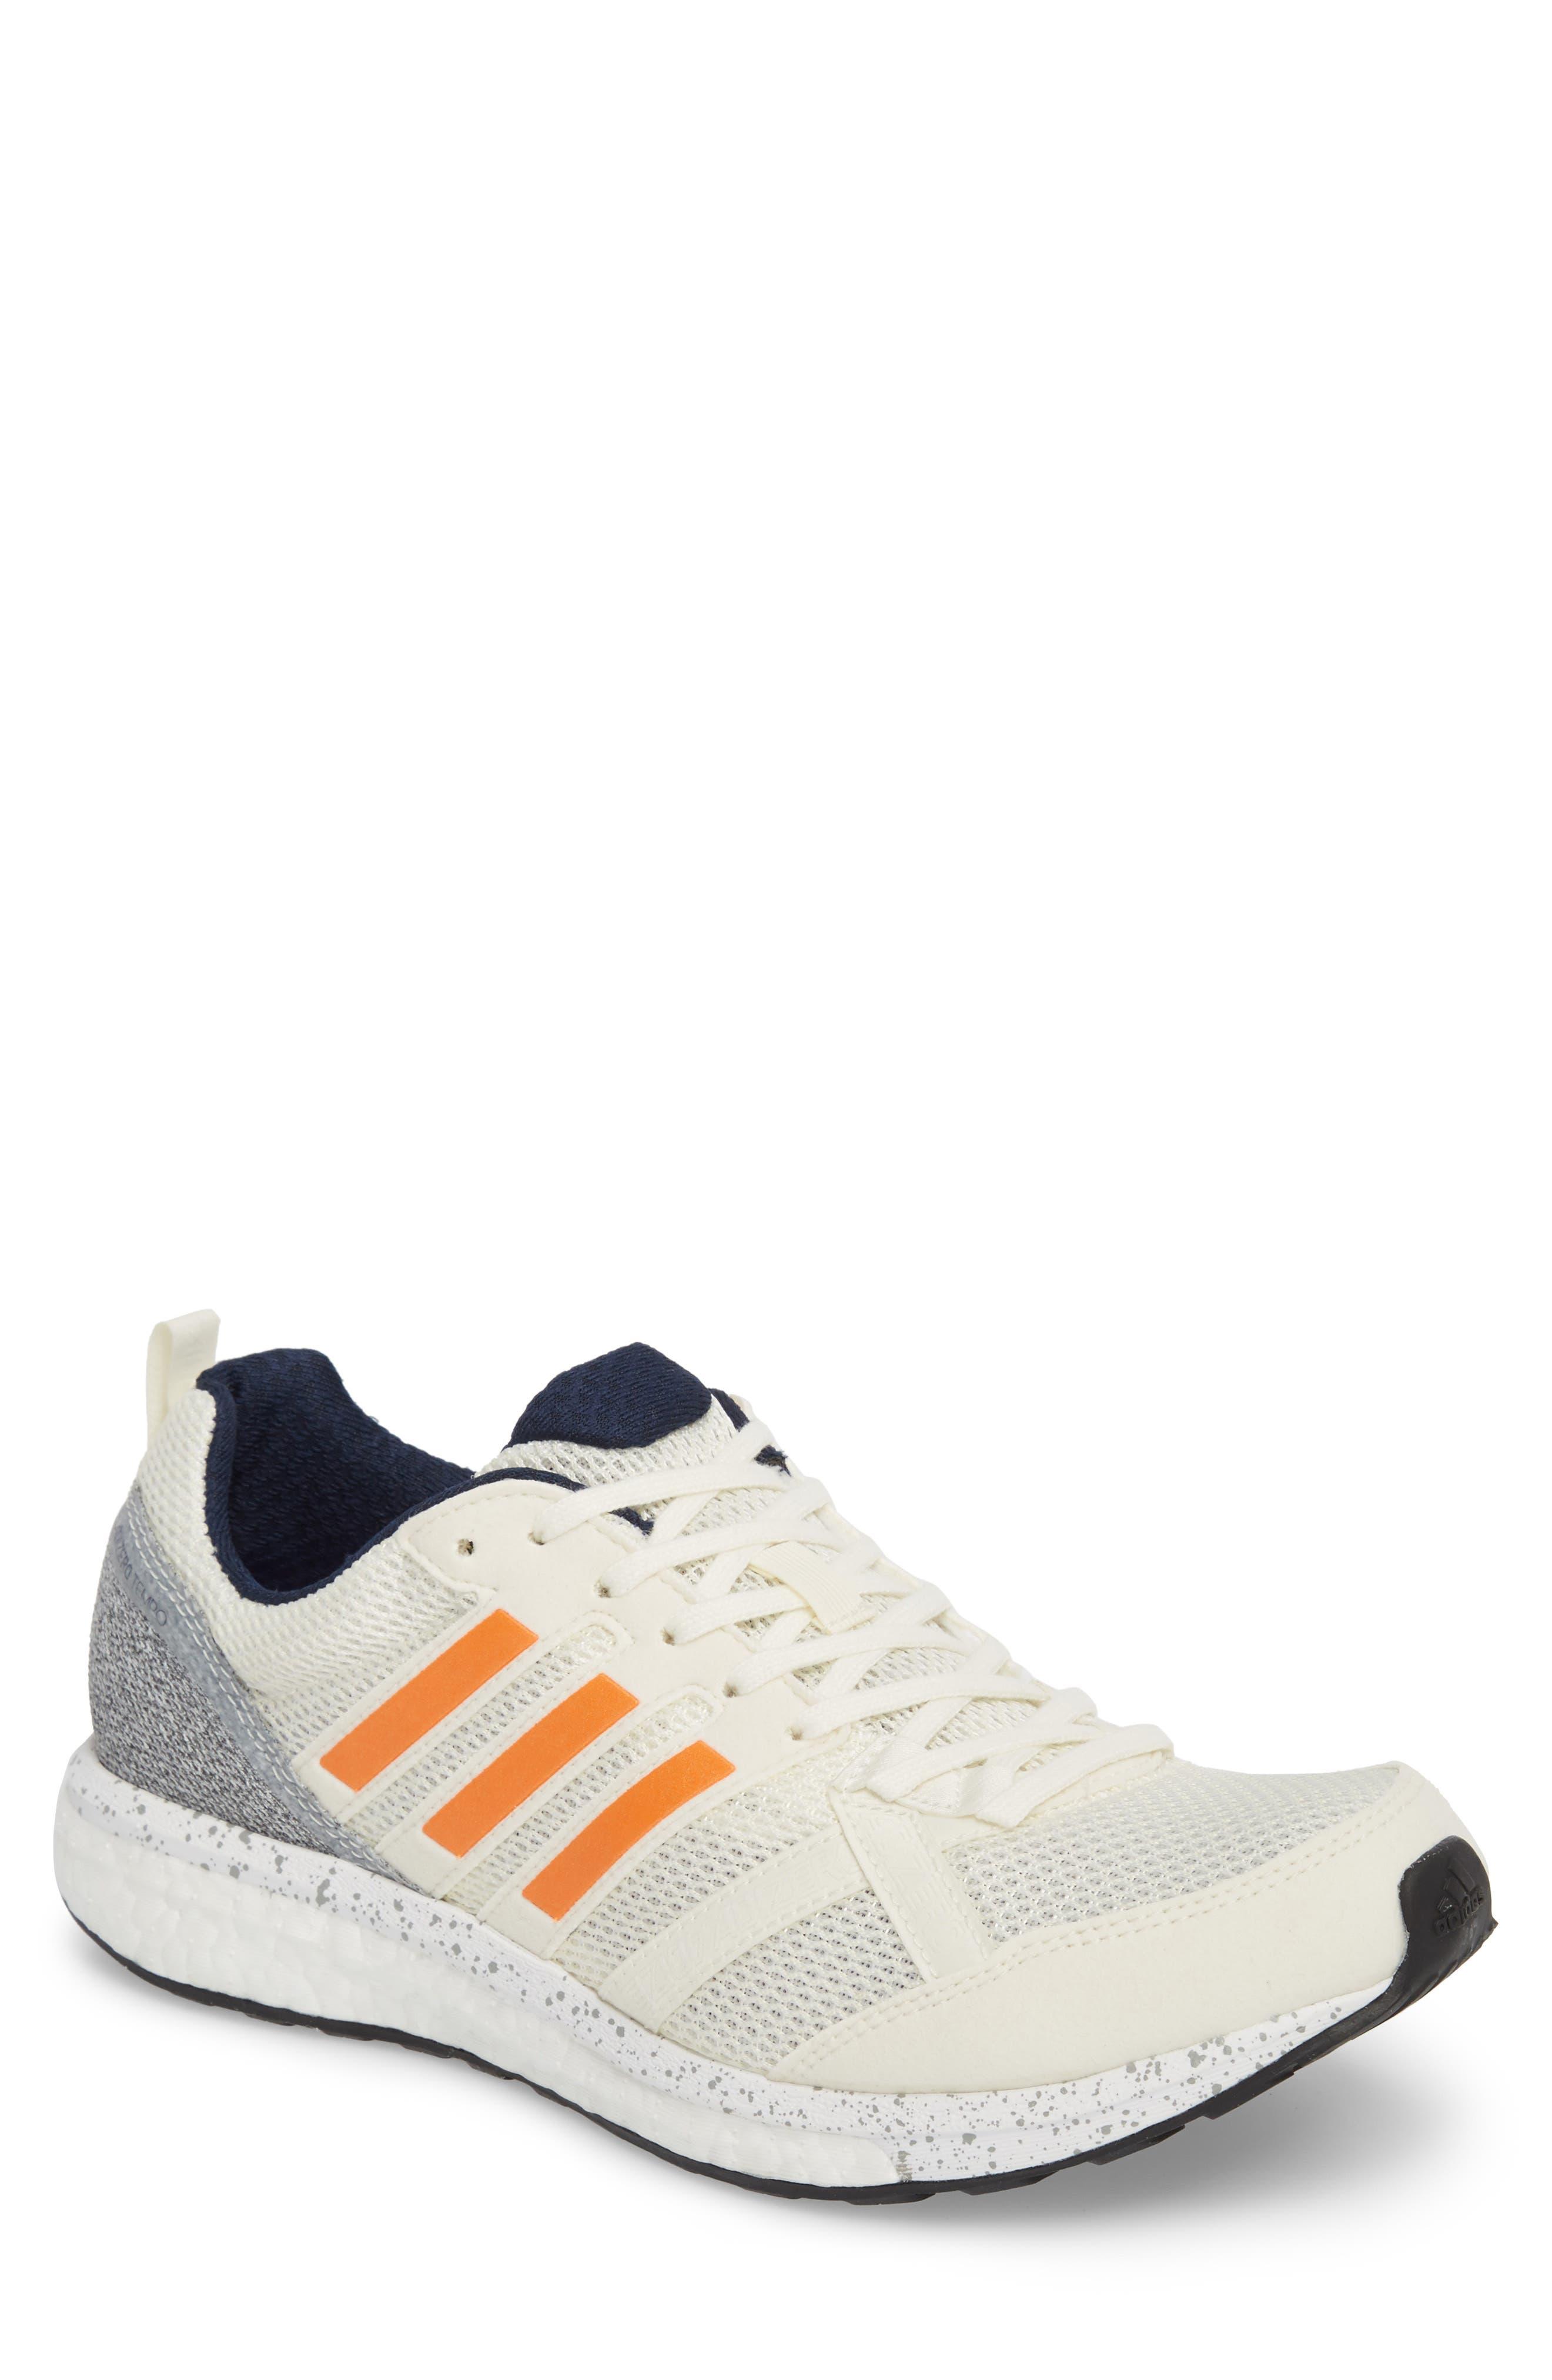 Main Image - adidas Adizero Tempo 9 M Running Shoe (Men)